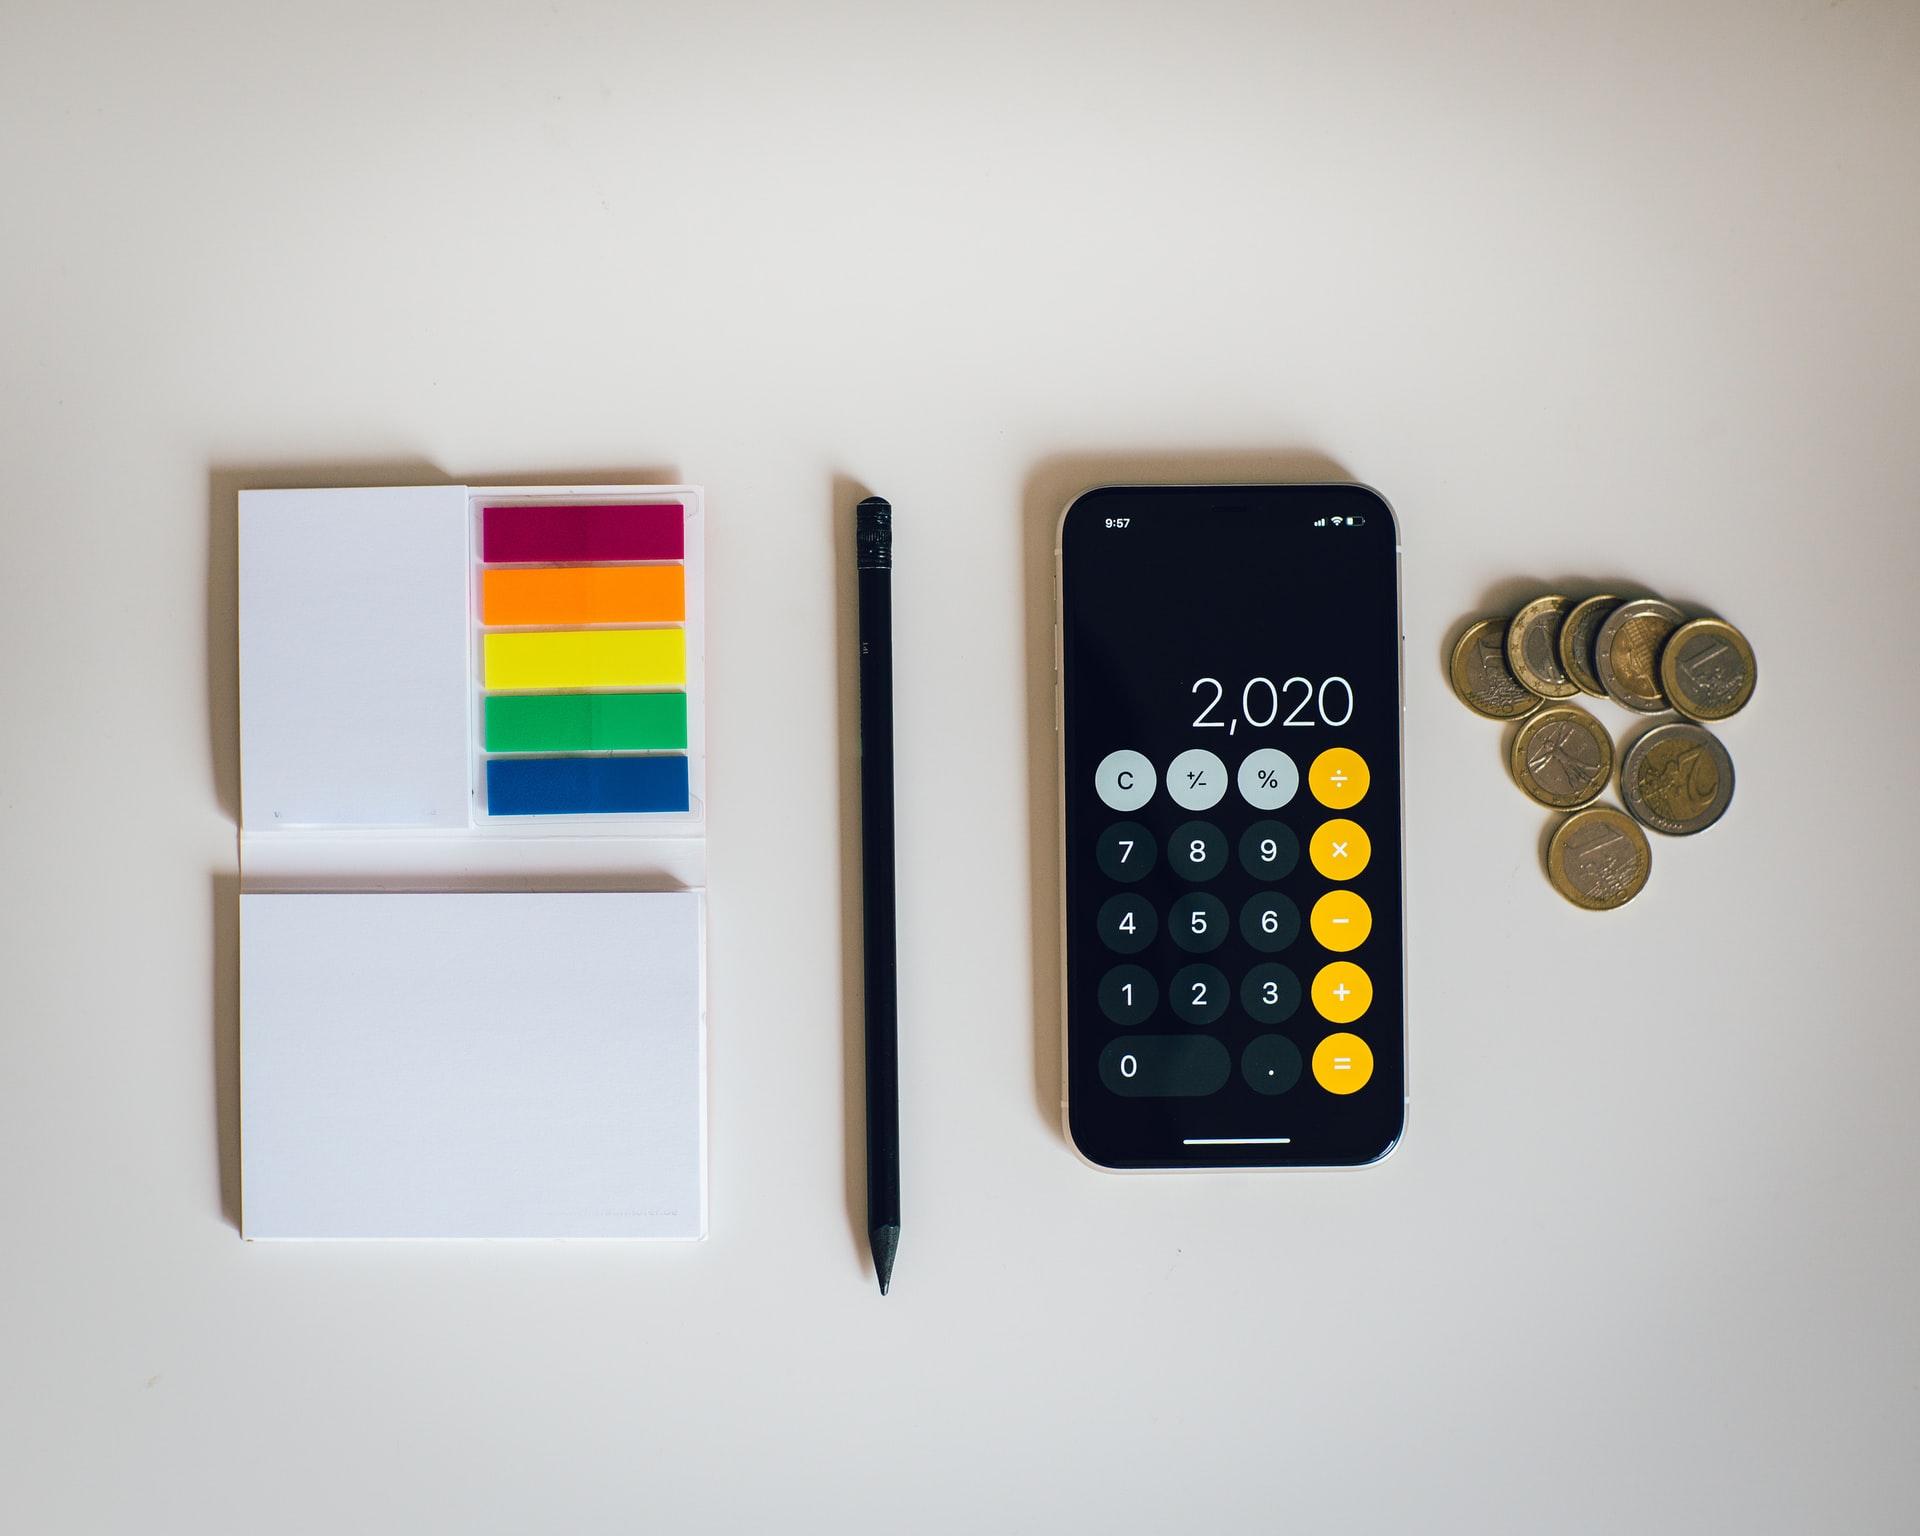 libertà finanziaria: qual è la tua situazione attuale?